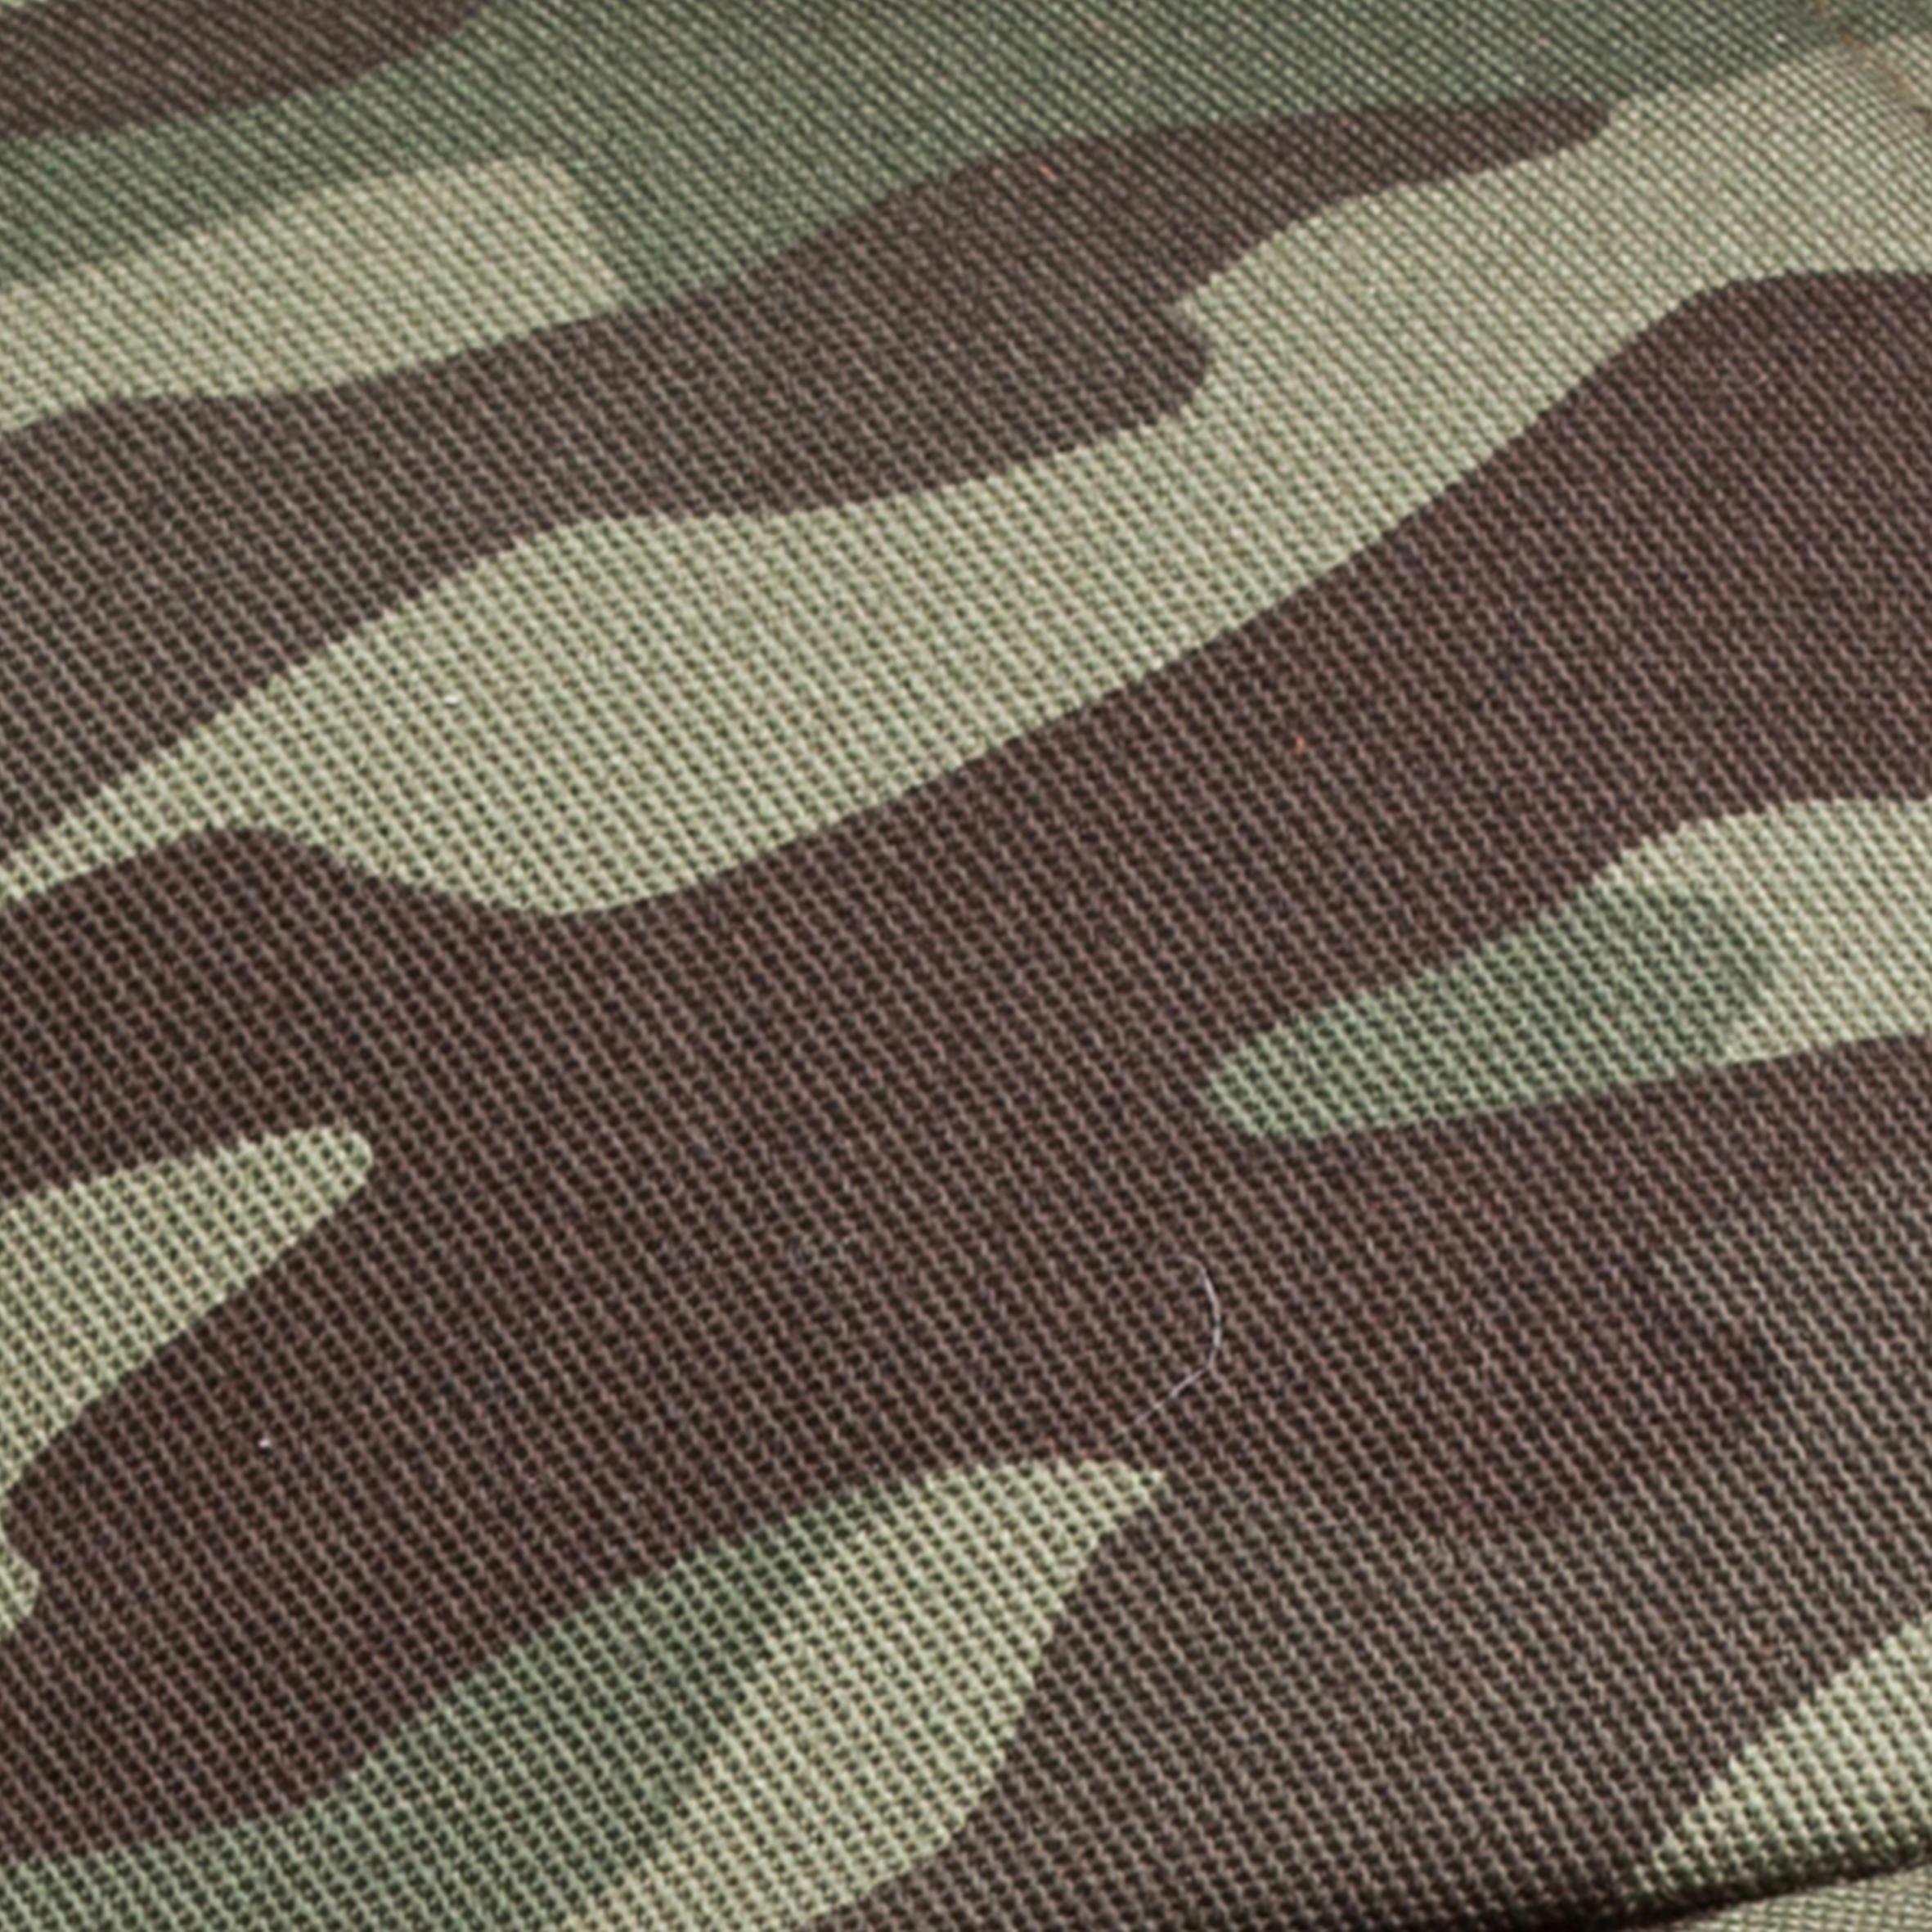 Cap SG-100 Camo Khaki